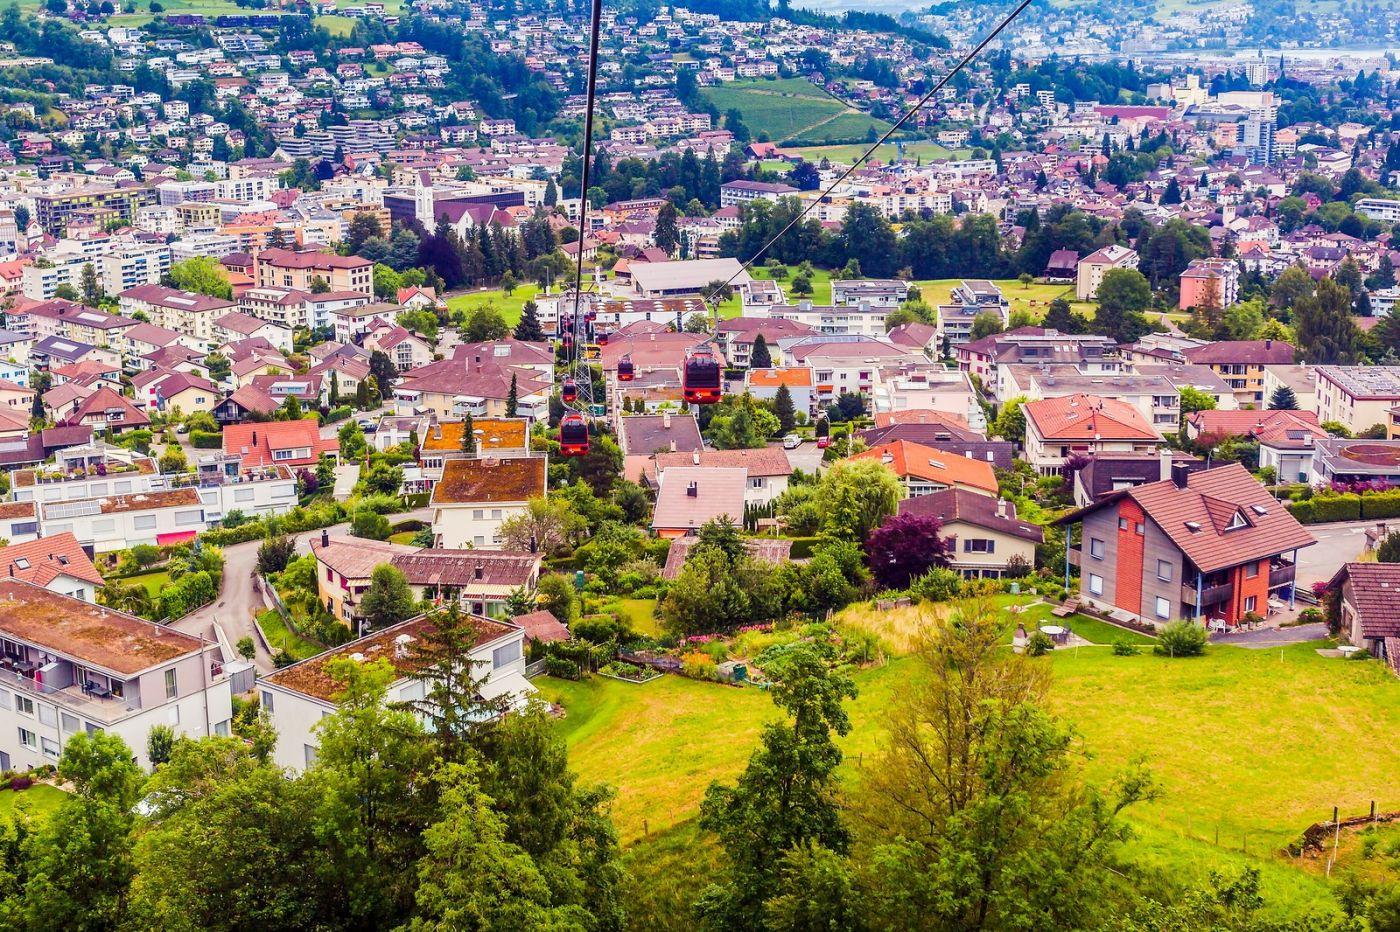 瑞士卢塞恩(Lucerne),坐缆车看风景_图1-19